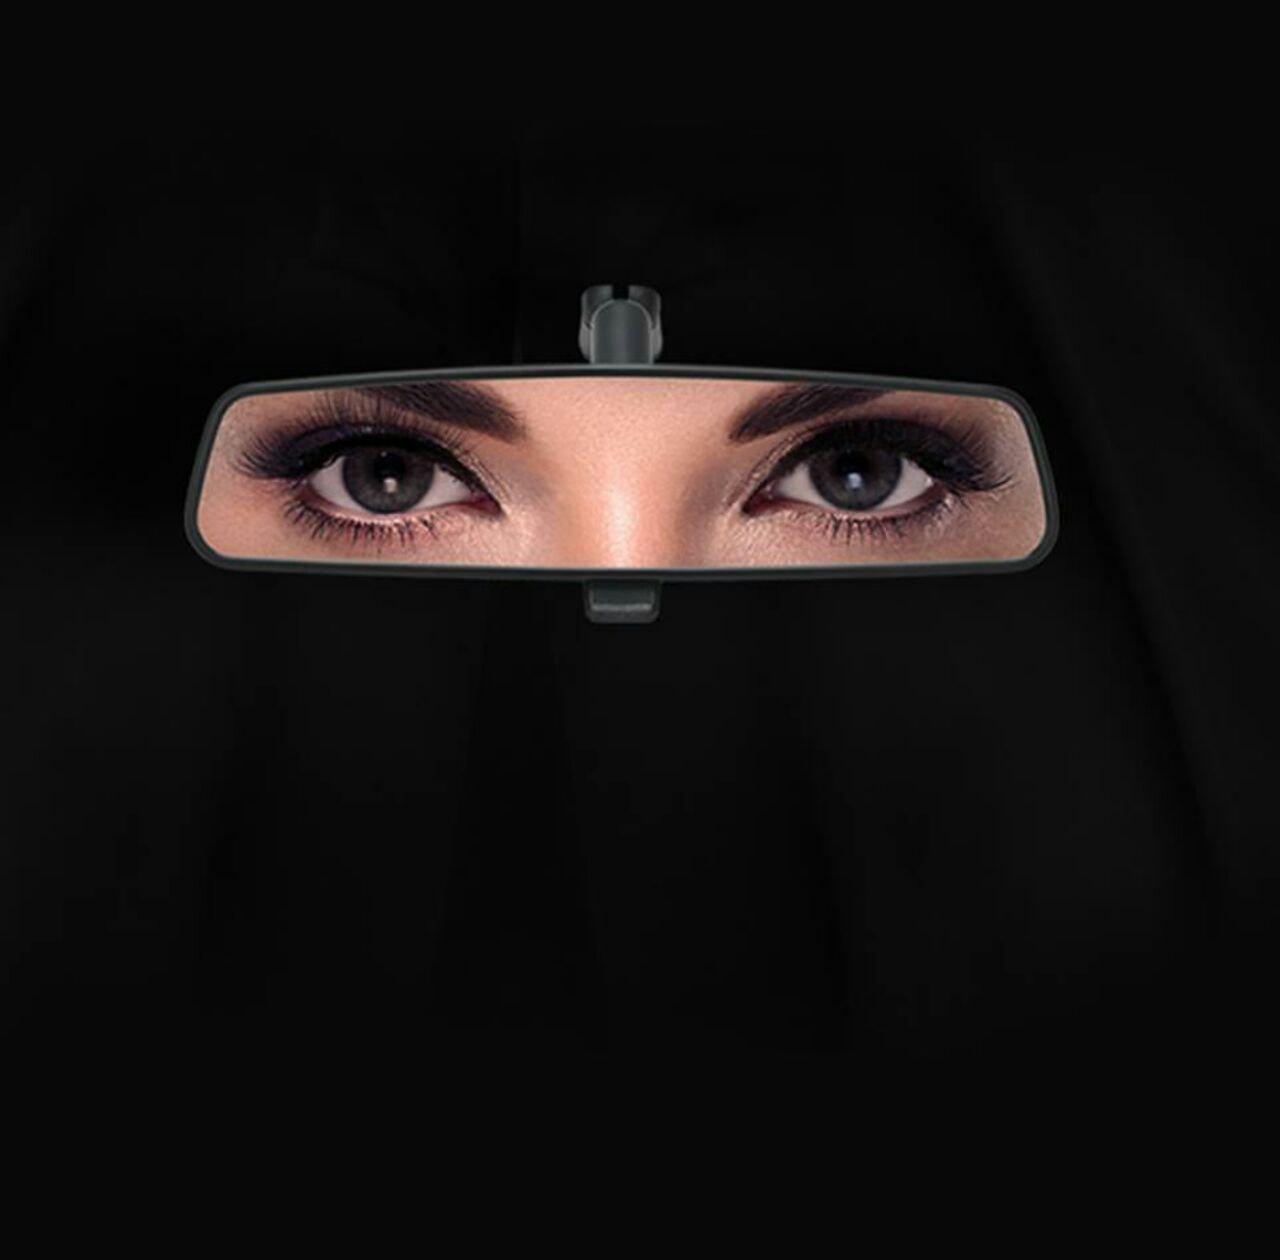 طرح تبلیغاتی شرکت فورد برای بازار عربستان (عکس)